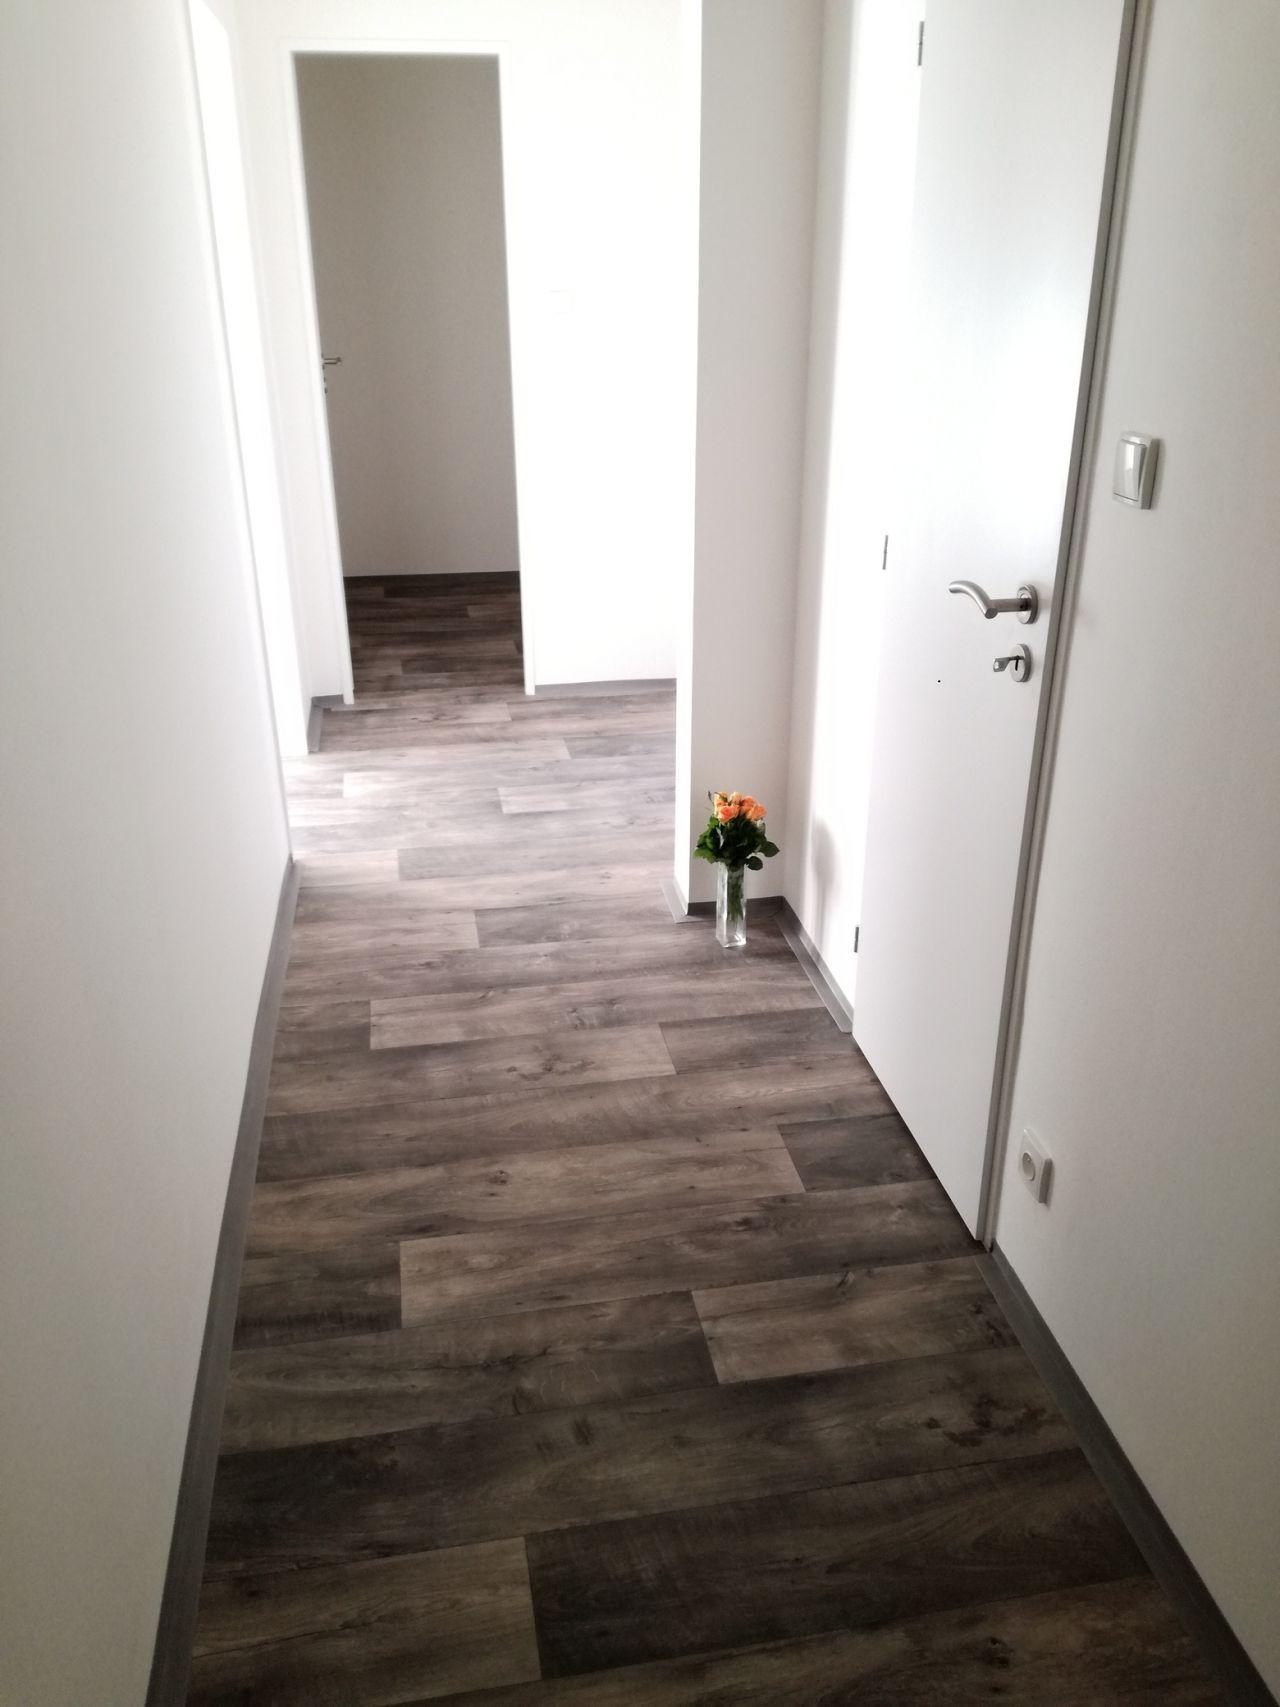 Pronájem bytu 2+1 58 m2, ul. Generála Píky 2904/18, Ostrava - Fifejdy